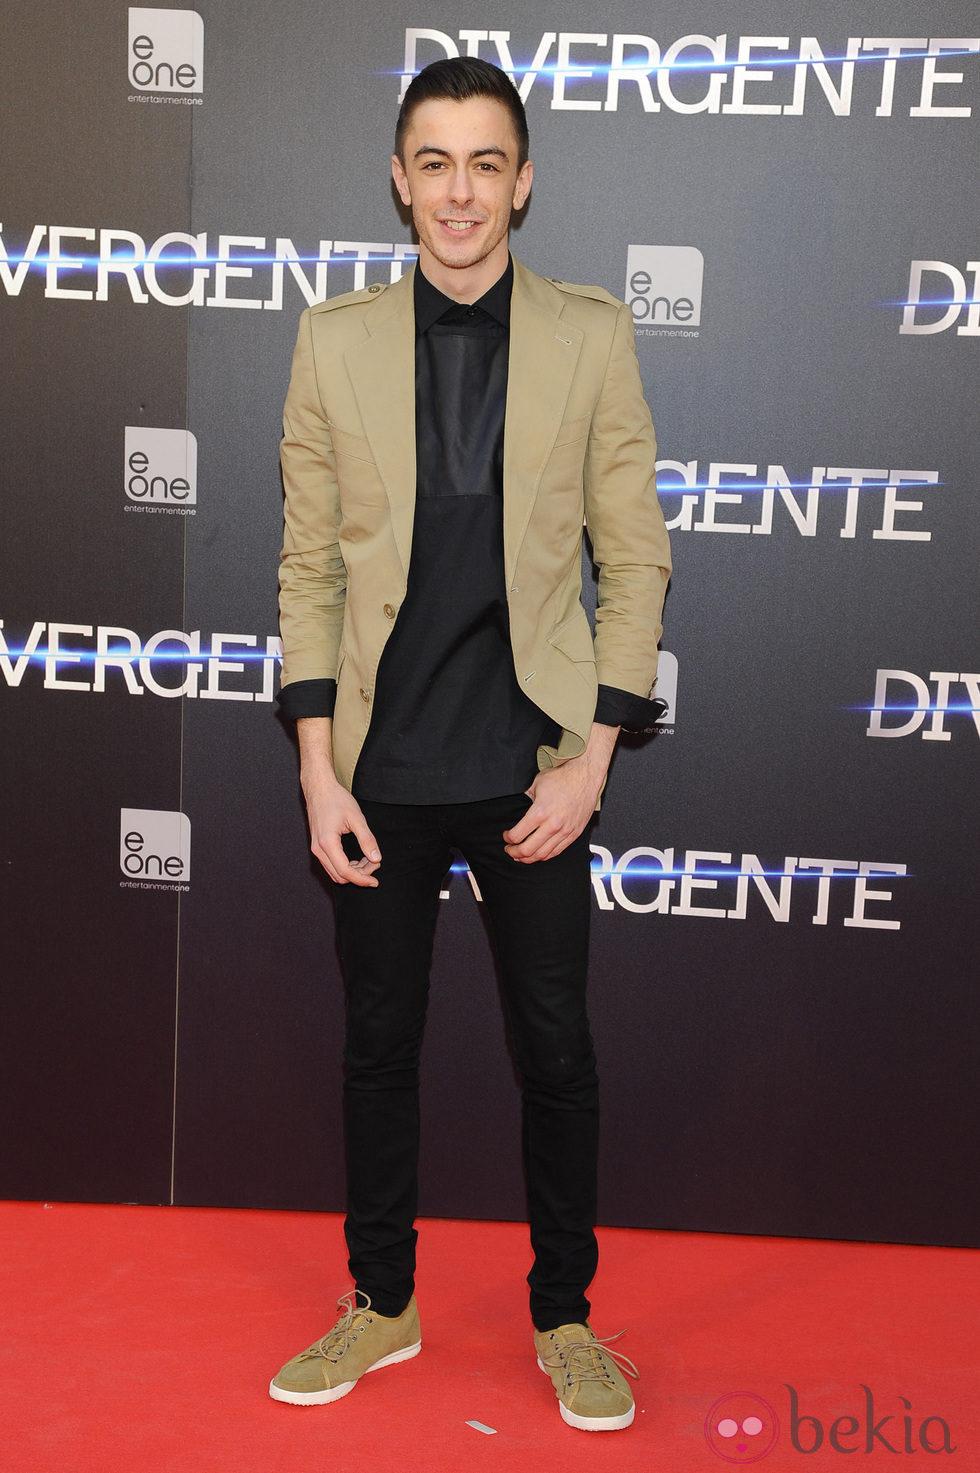 Víctor Palmero en el estreno de 'Divergente' en Madrid